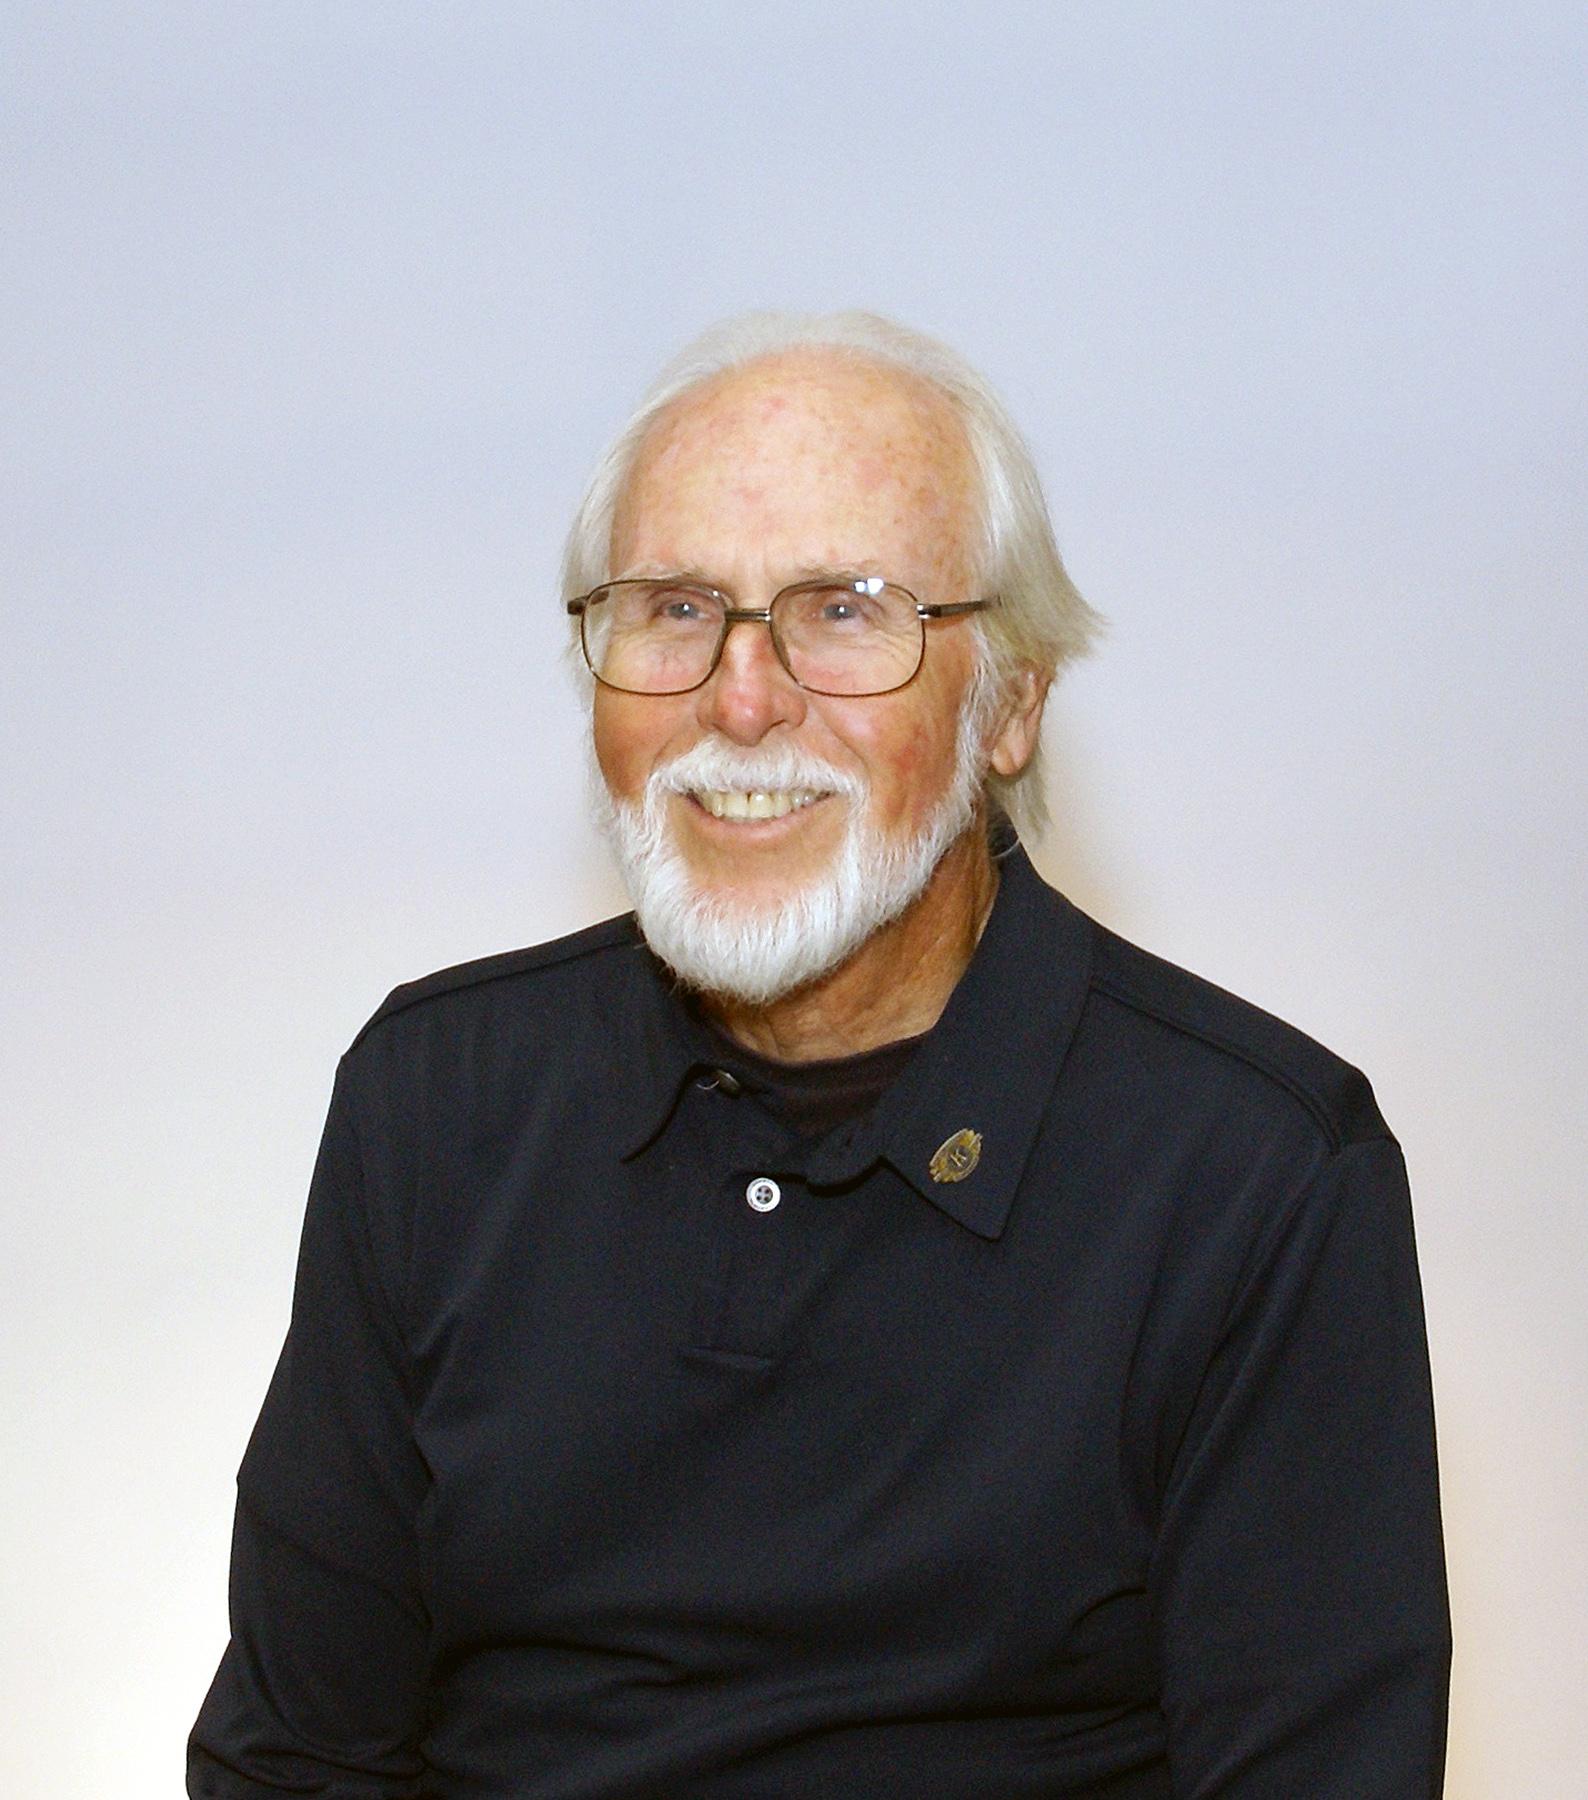 Jim Langley